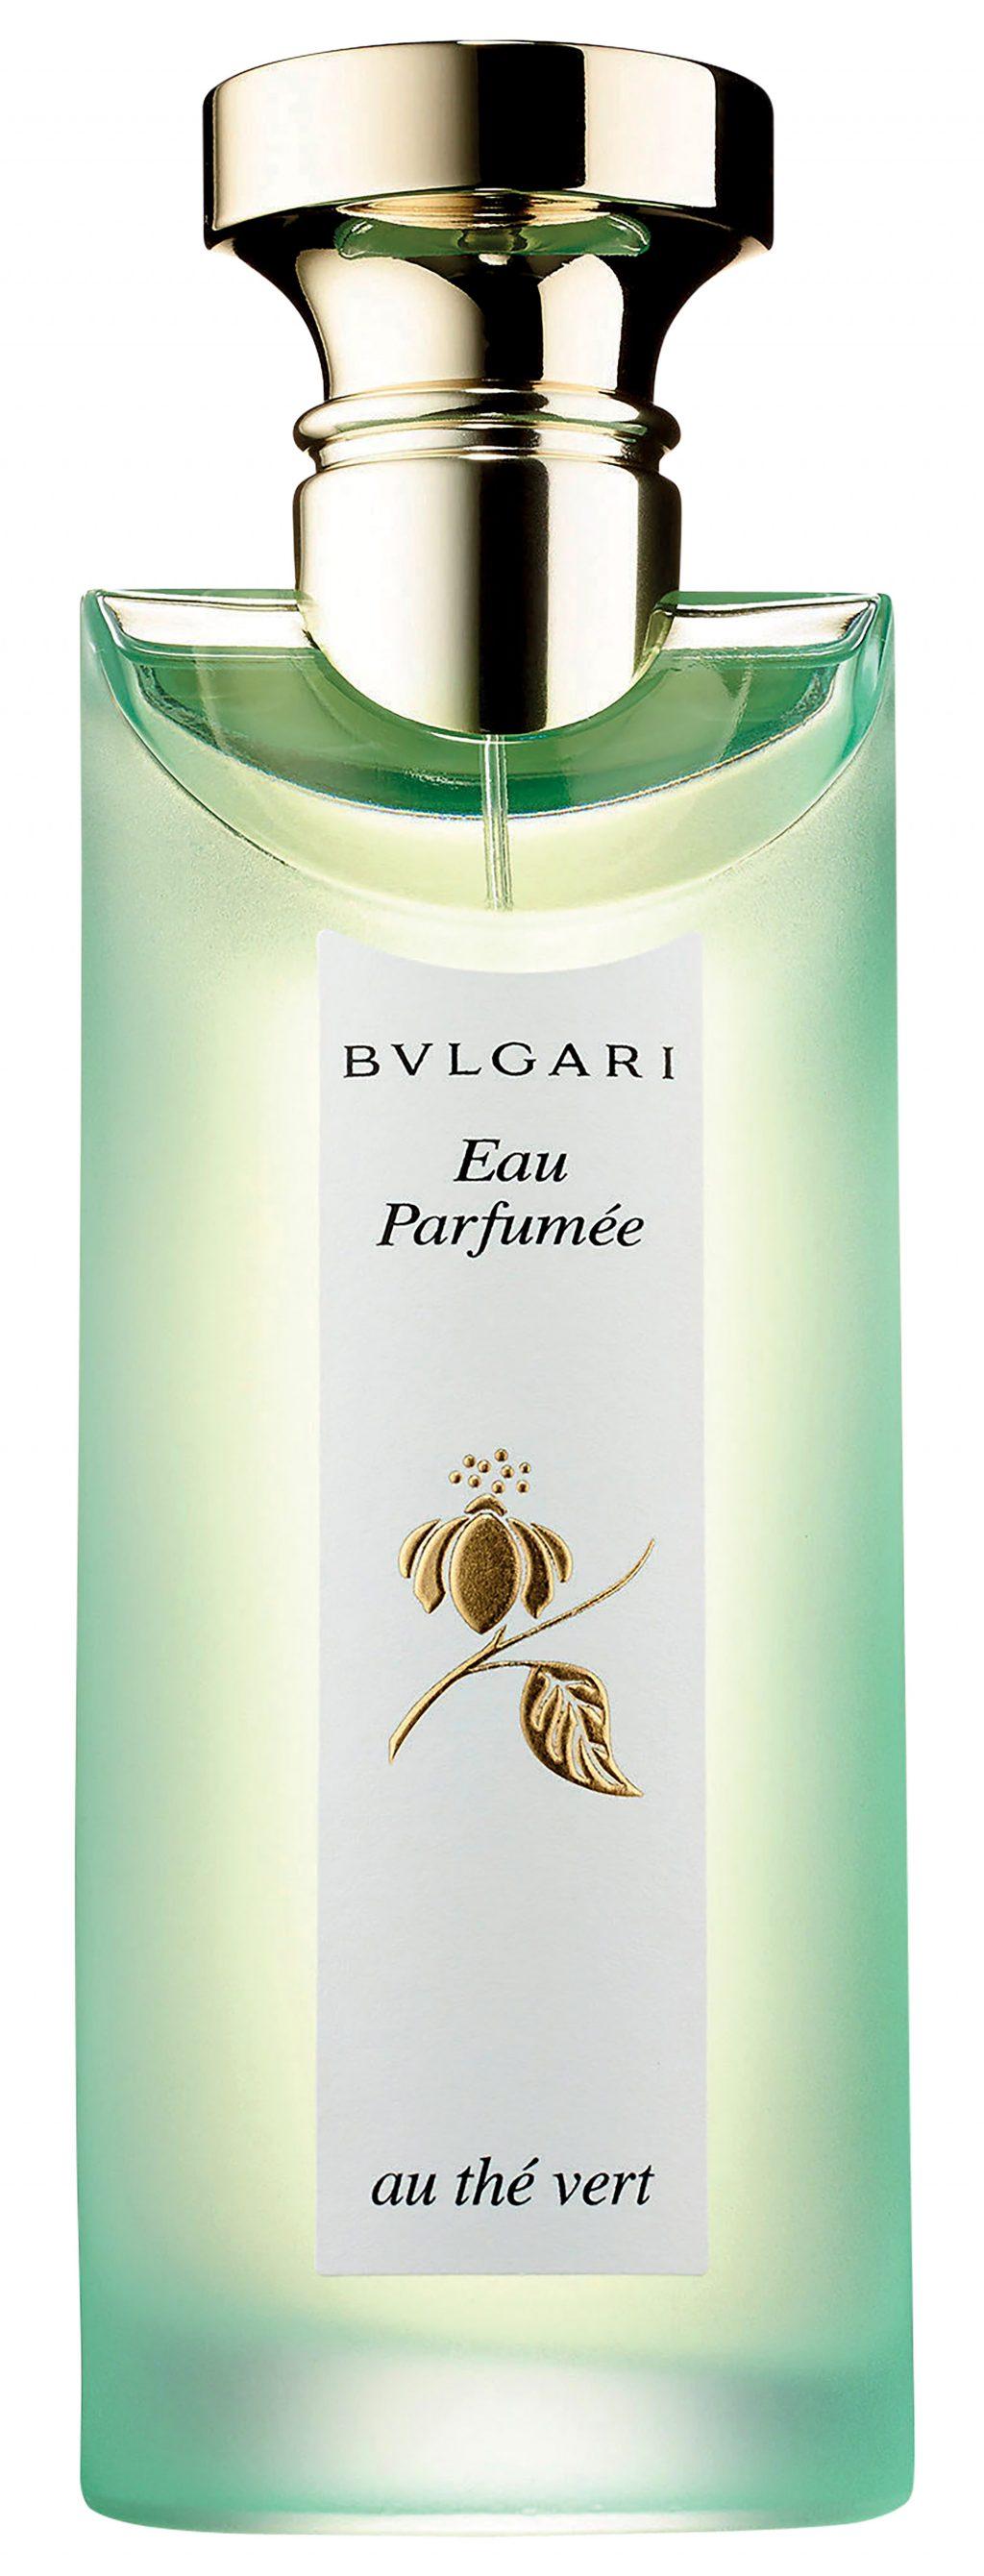 nước hoa cơ bản Bvlgari